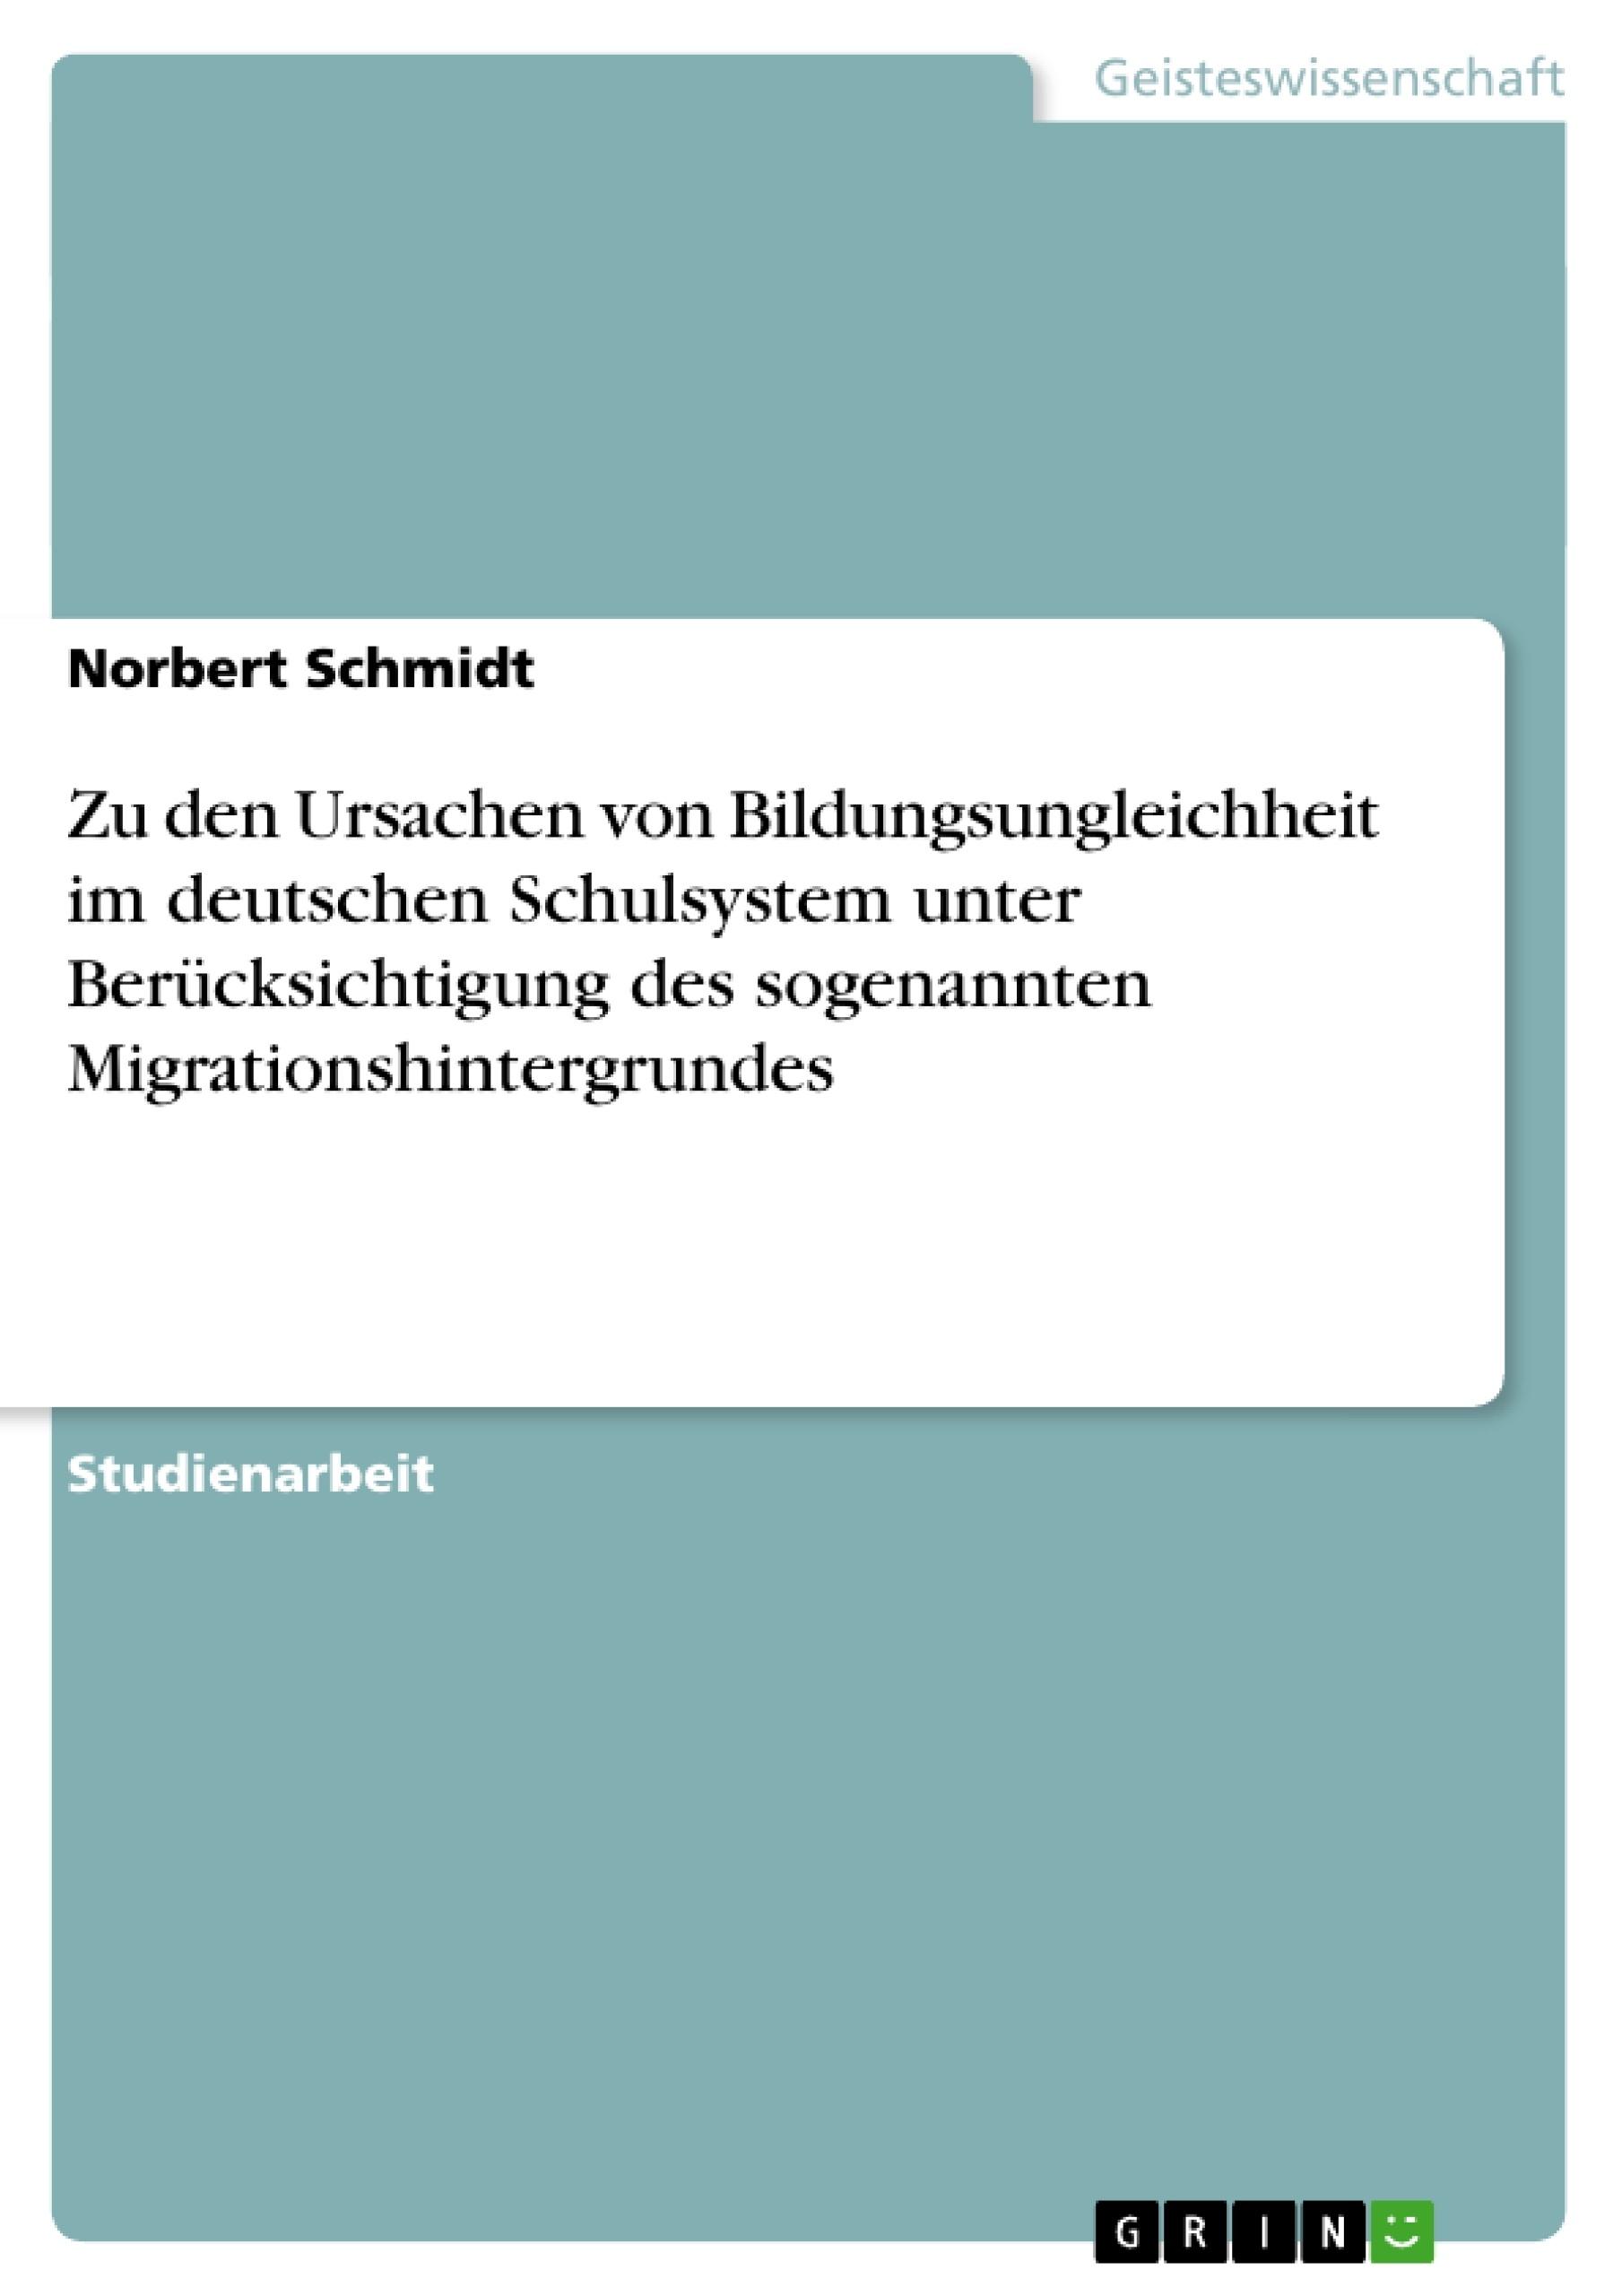 Titel: Zu den Ursachen von Bildungsungleichheit im deutschen Schulsystem unter Berücksichtigung des sogenannten Migrationshintergrundes